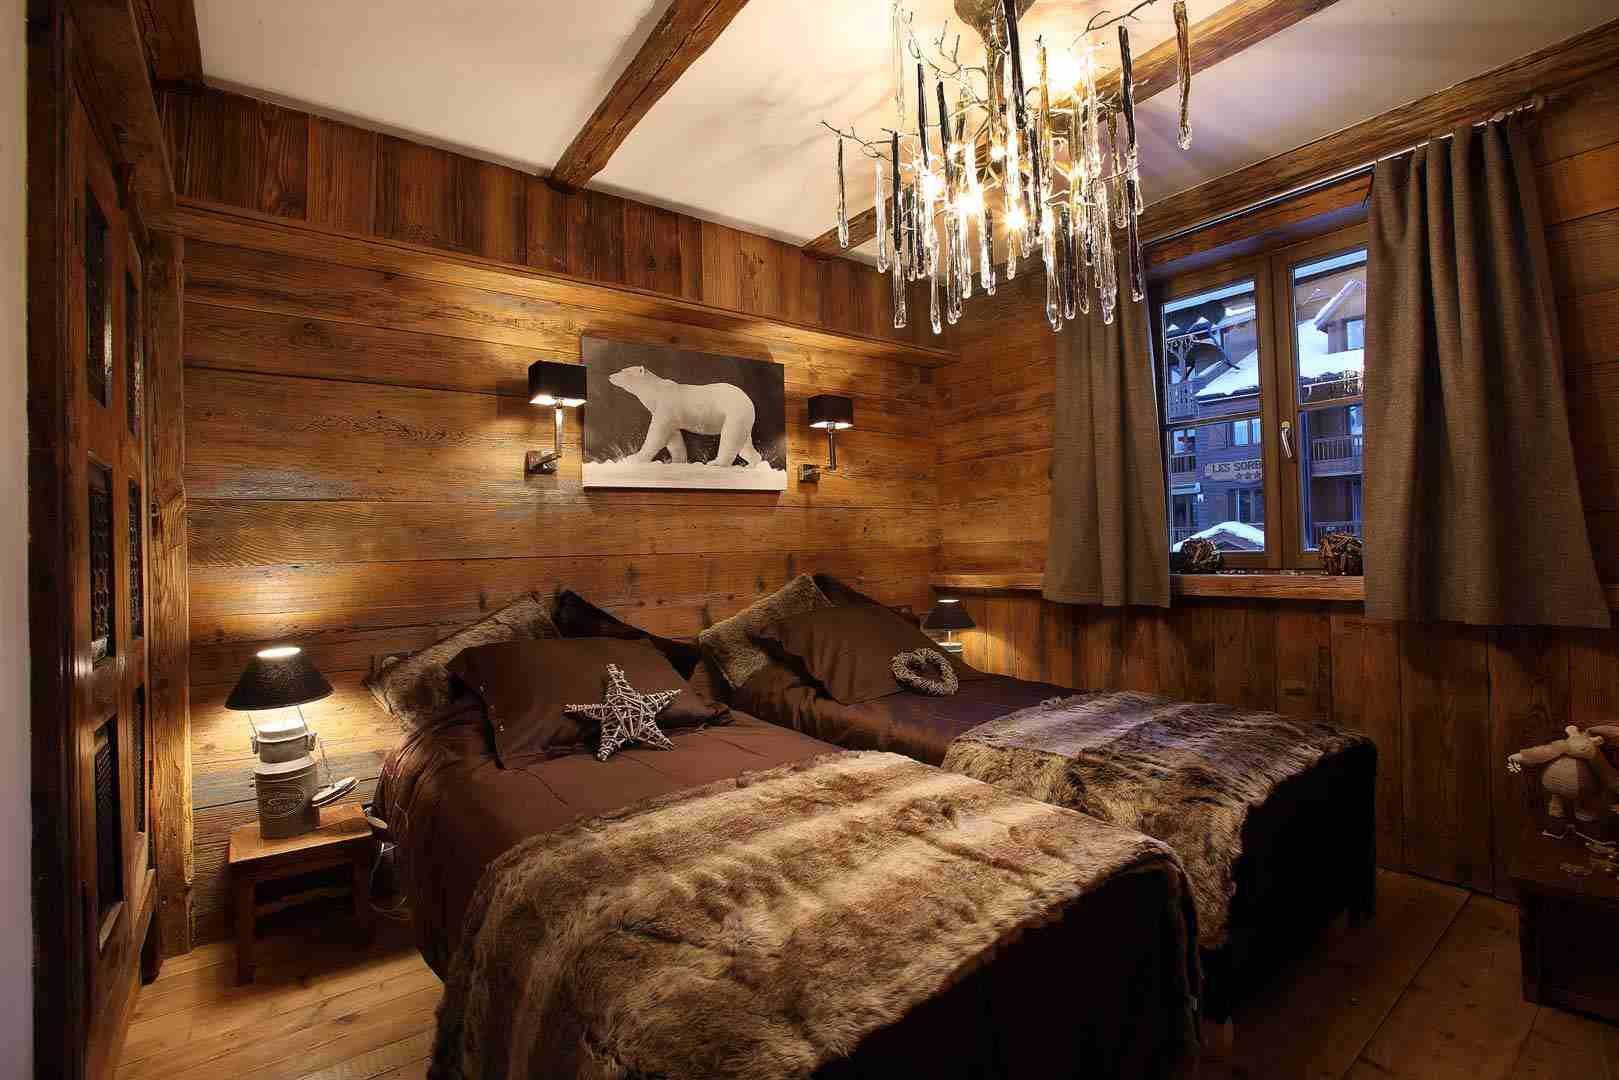 Deco Interieur Style Chalet Idees Pour Atmosphere Chaleureuse Voor